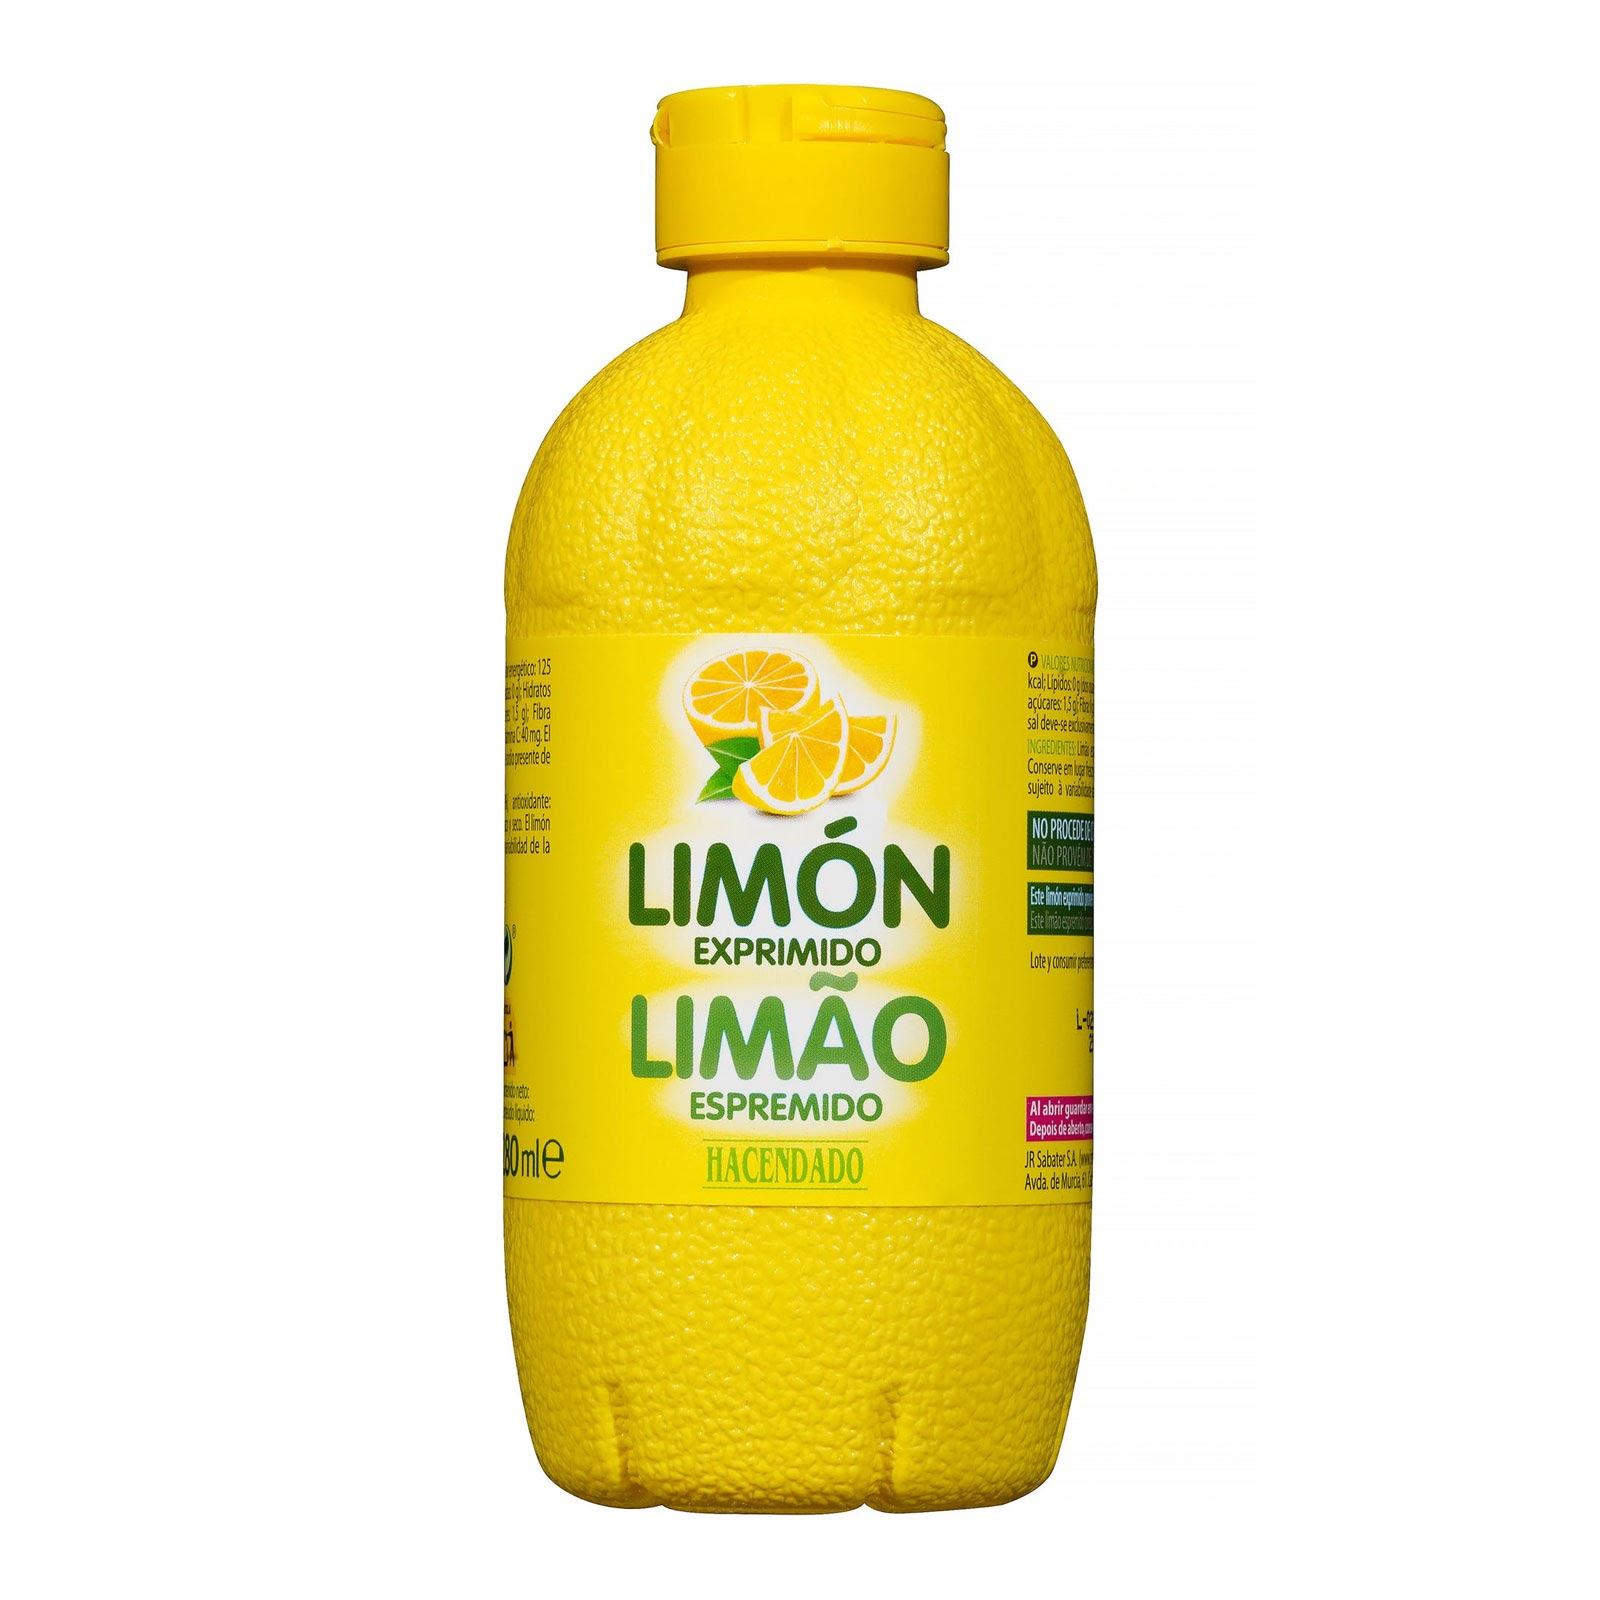 Limón exprimido Hacendado